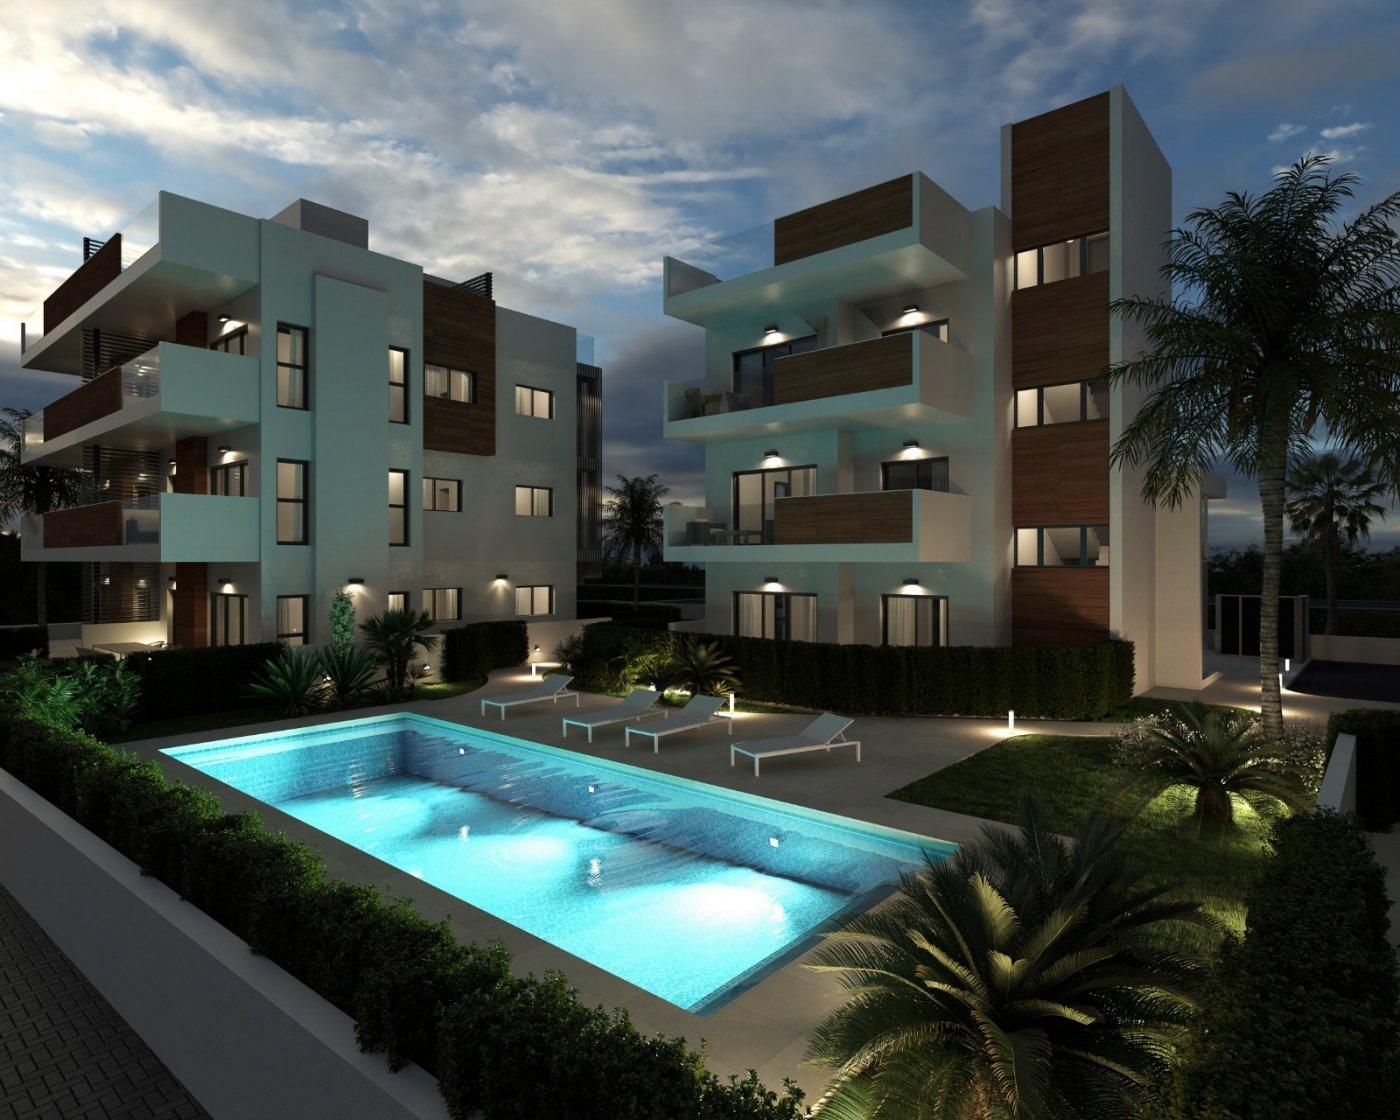 Nuevo residencial en san javier!!! - imagenInmueble4